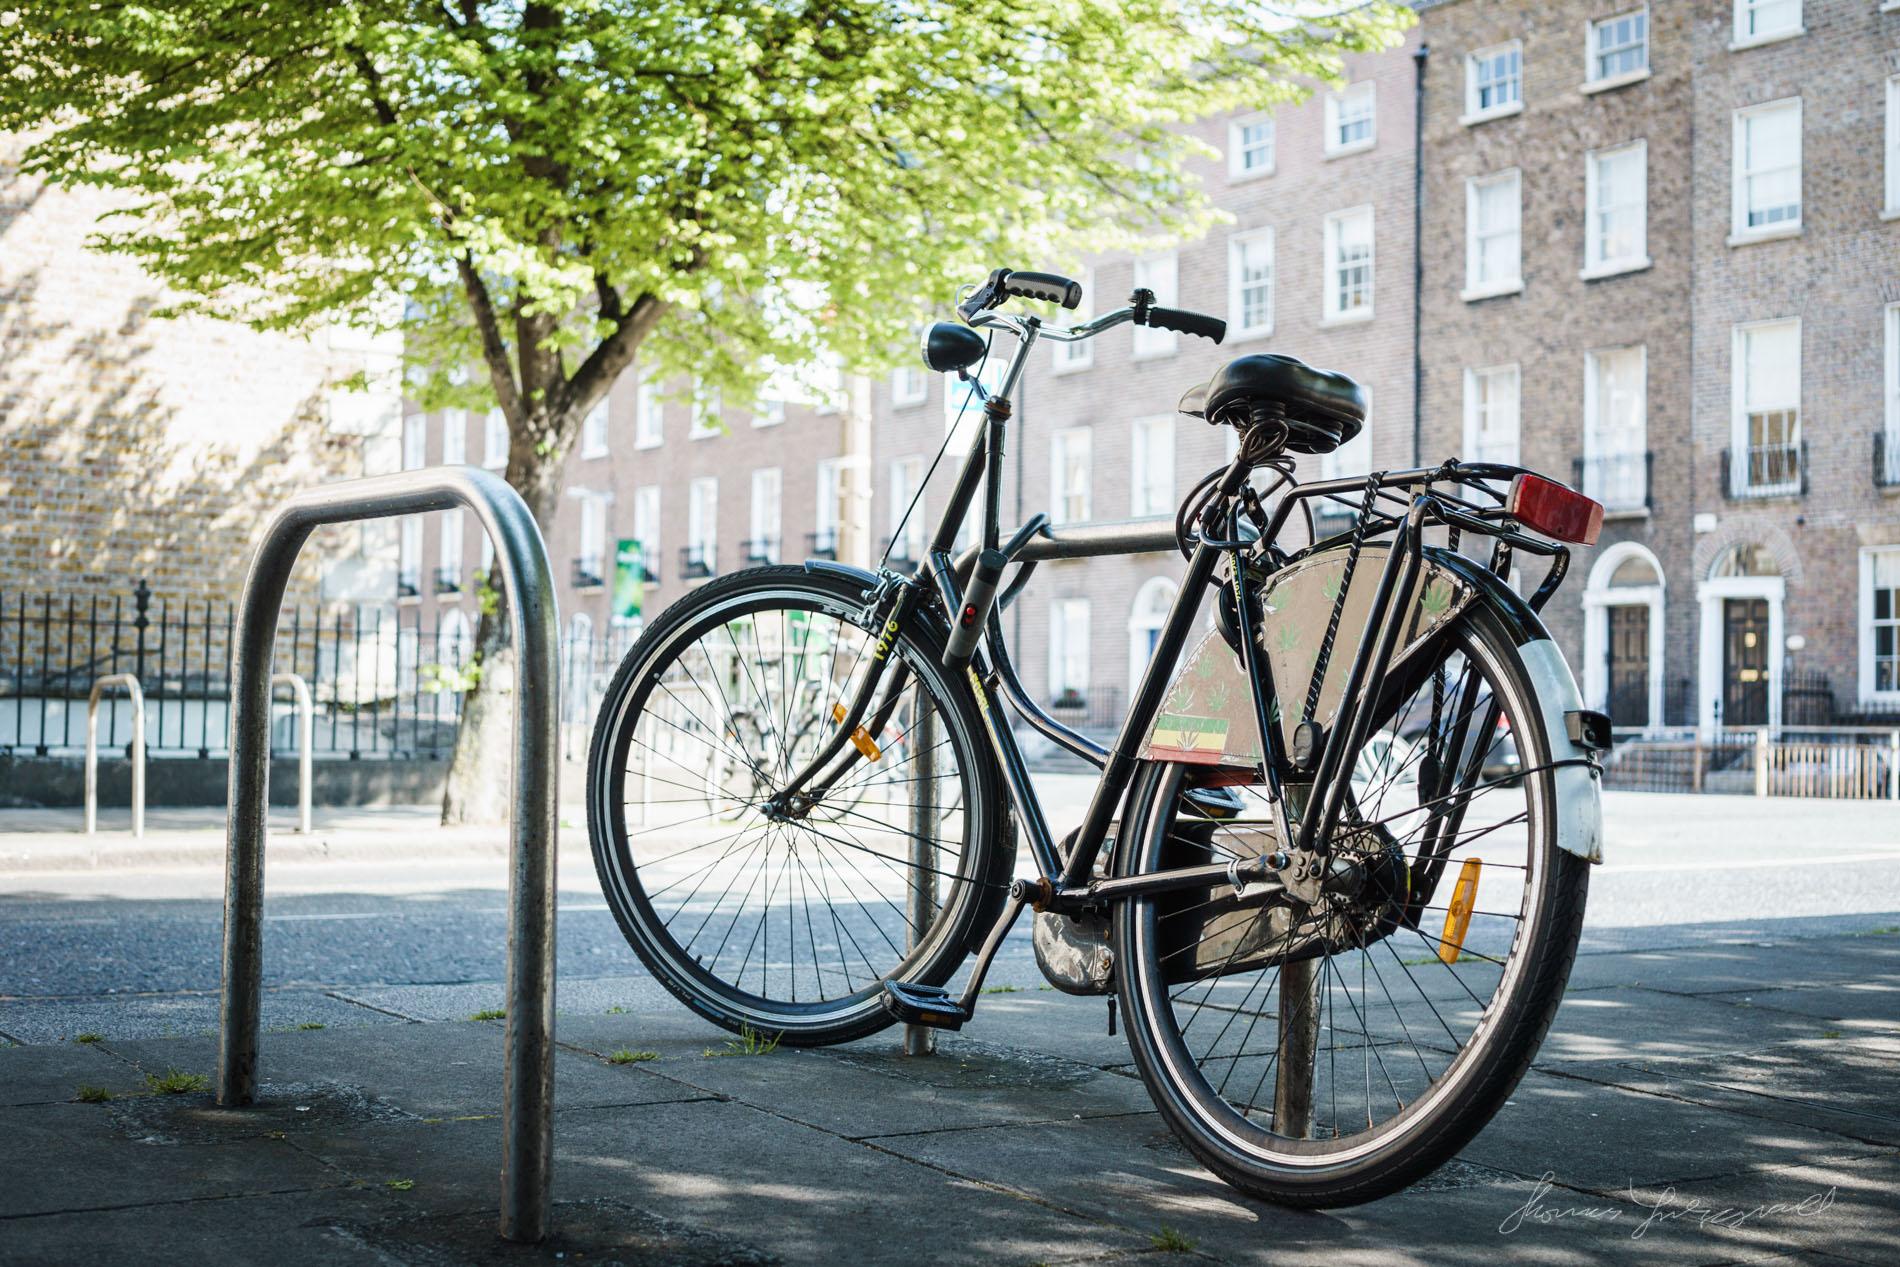 Bicycle with hemp logos